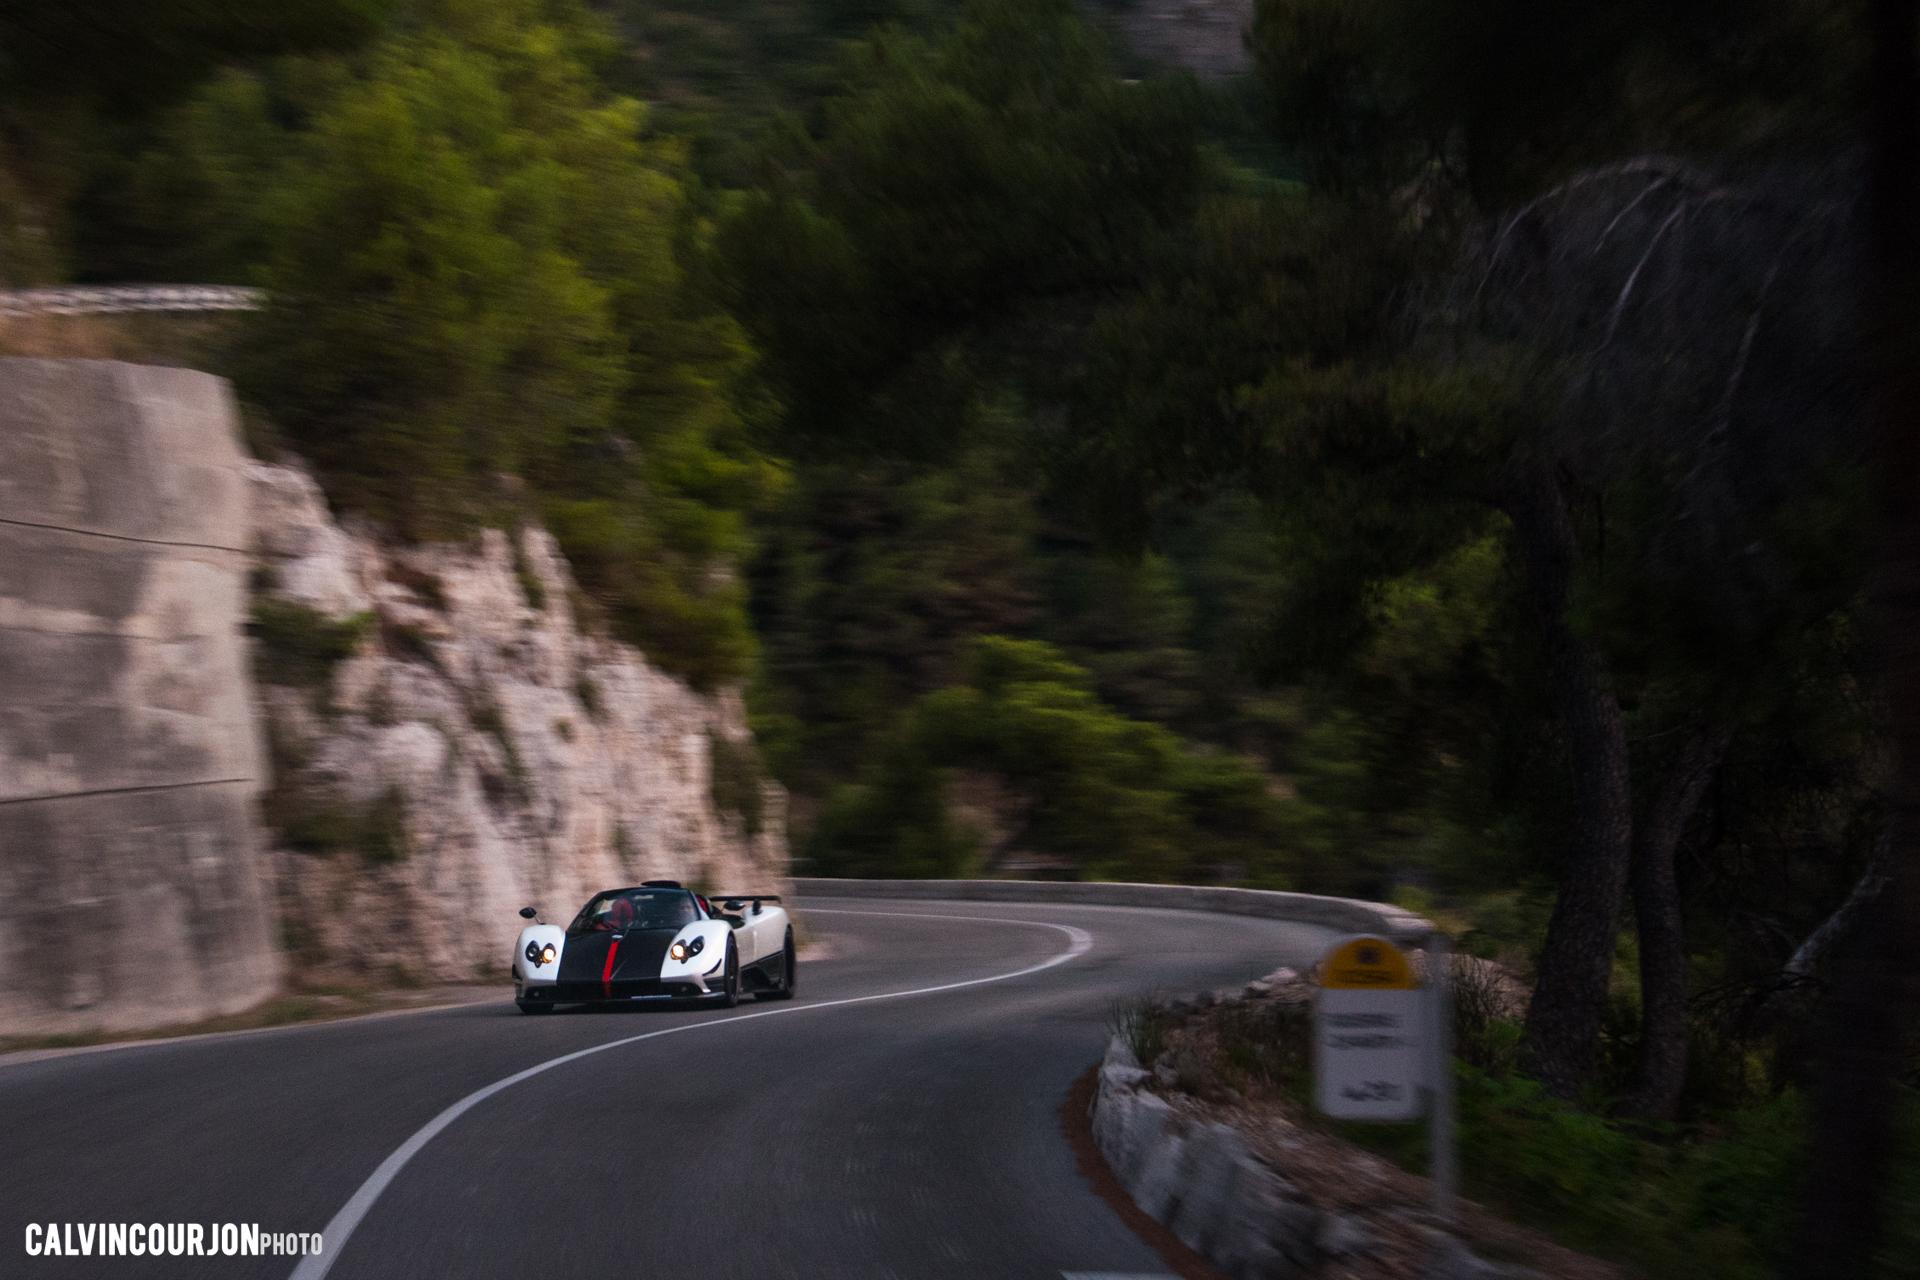 Pagani Zonda Cinque Roadster - sur route - Cote dAzur - 2015 - Calvin Courjon